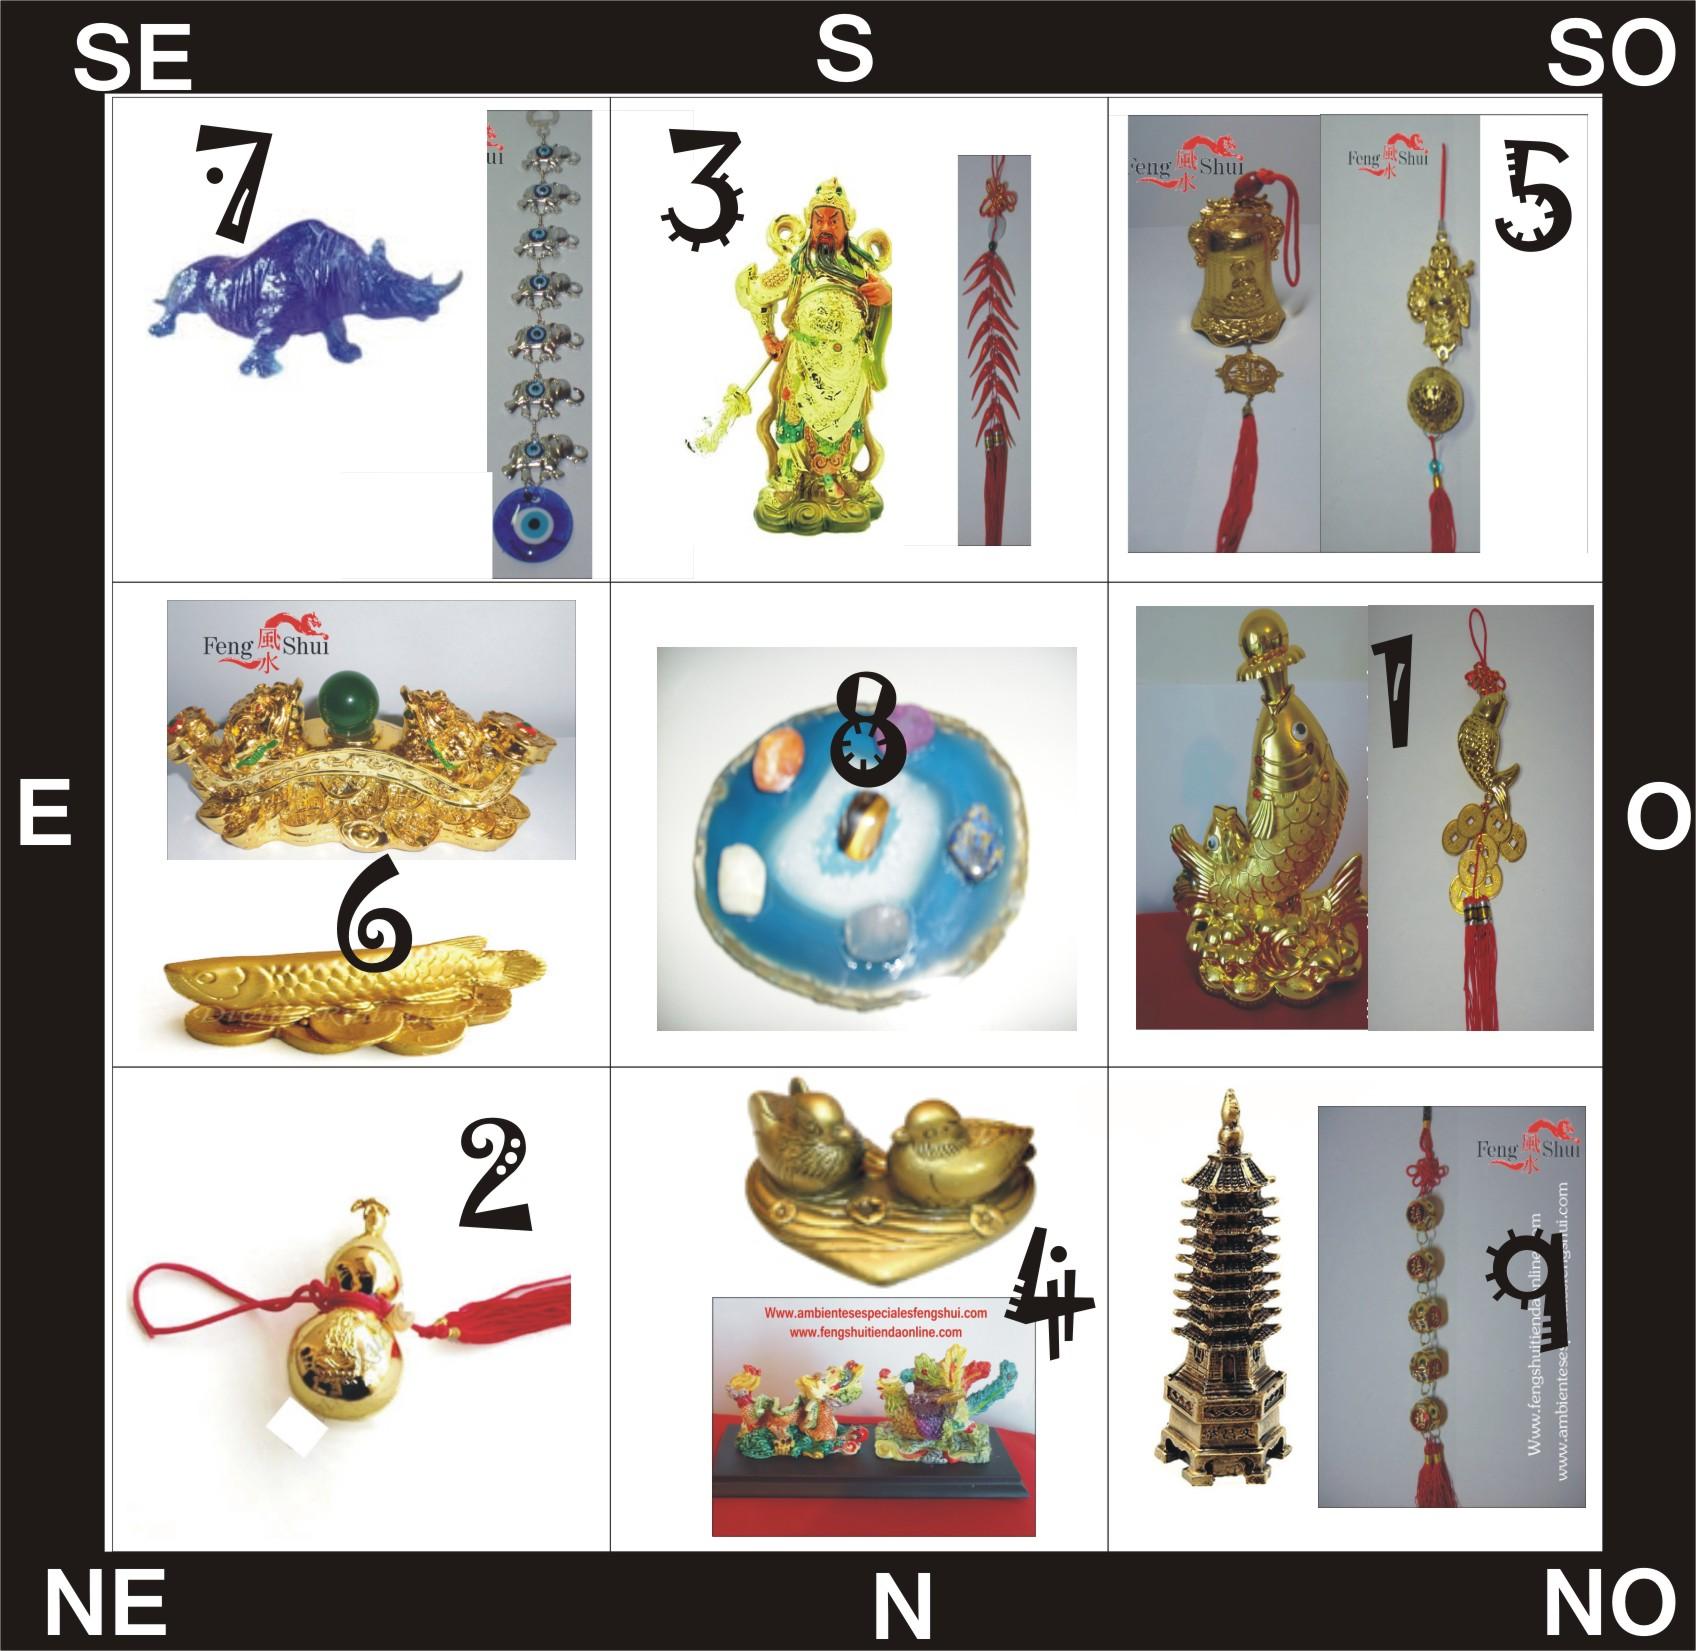 Cura Para Baño Feng Shui:Feng Shui Para Negocios